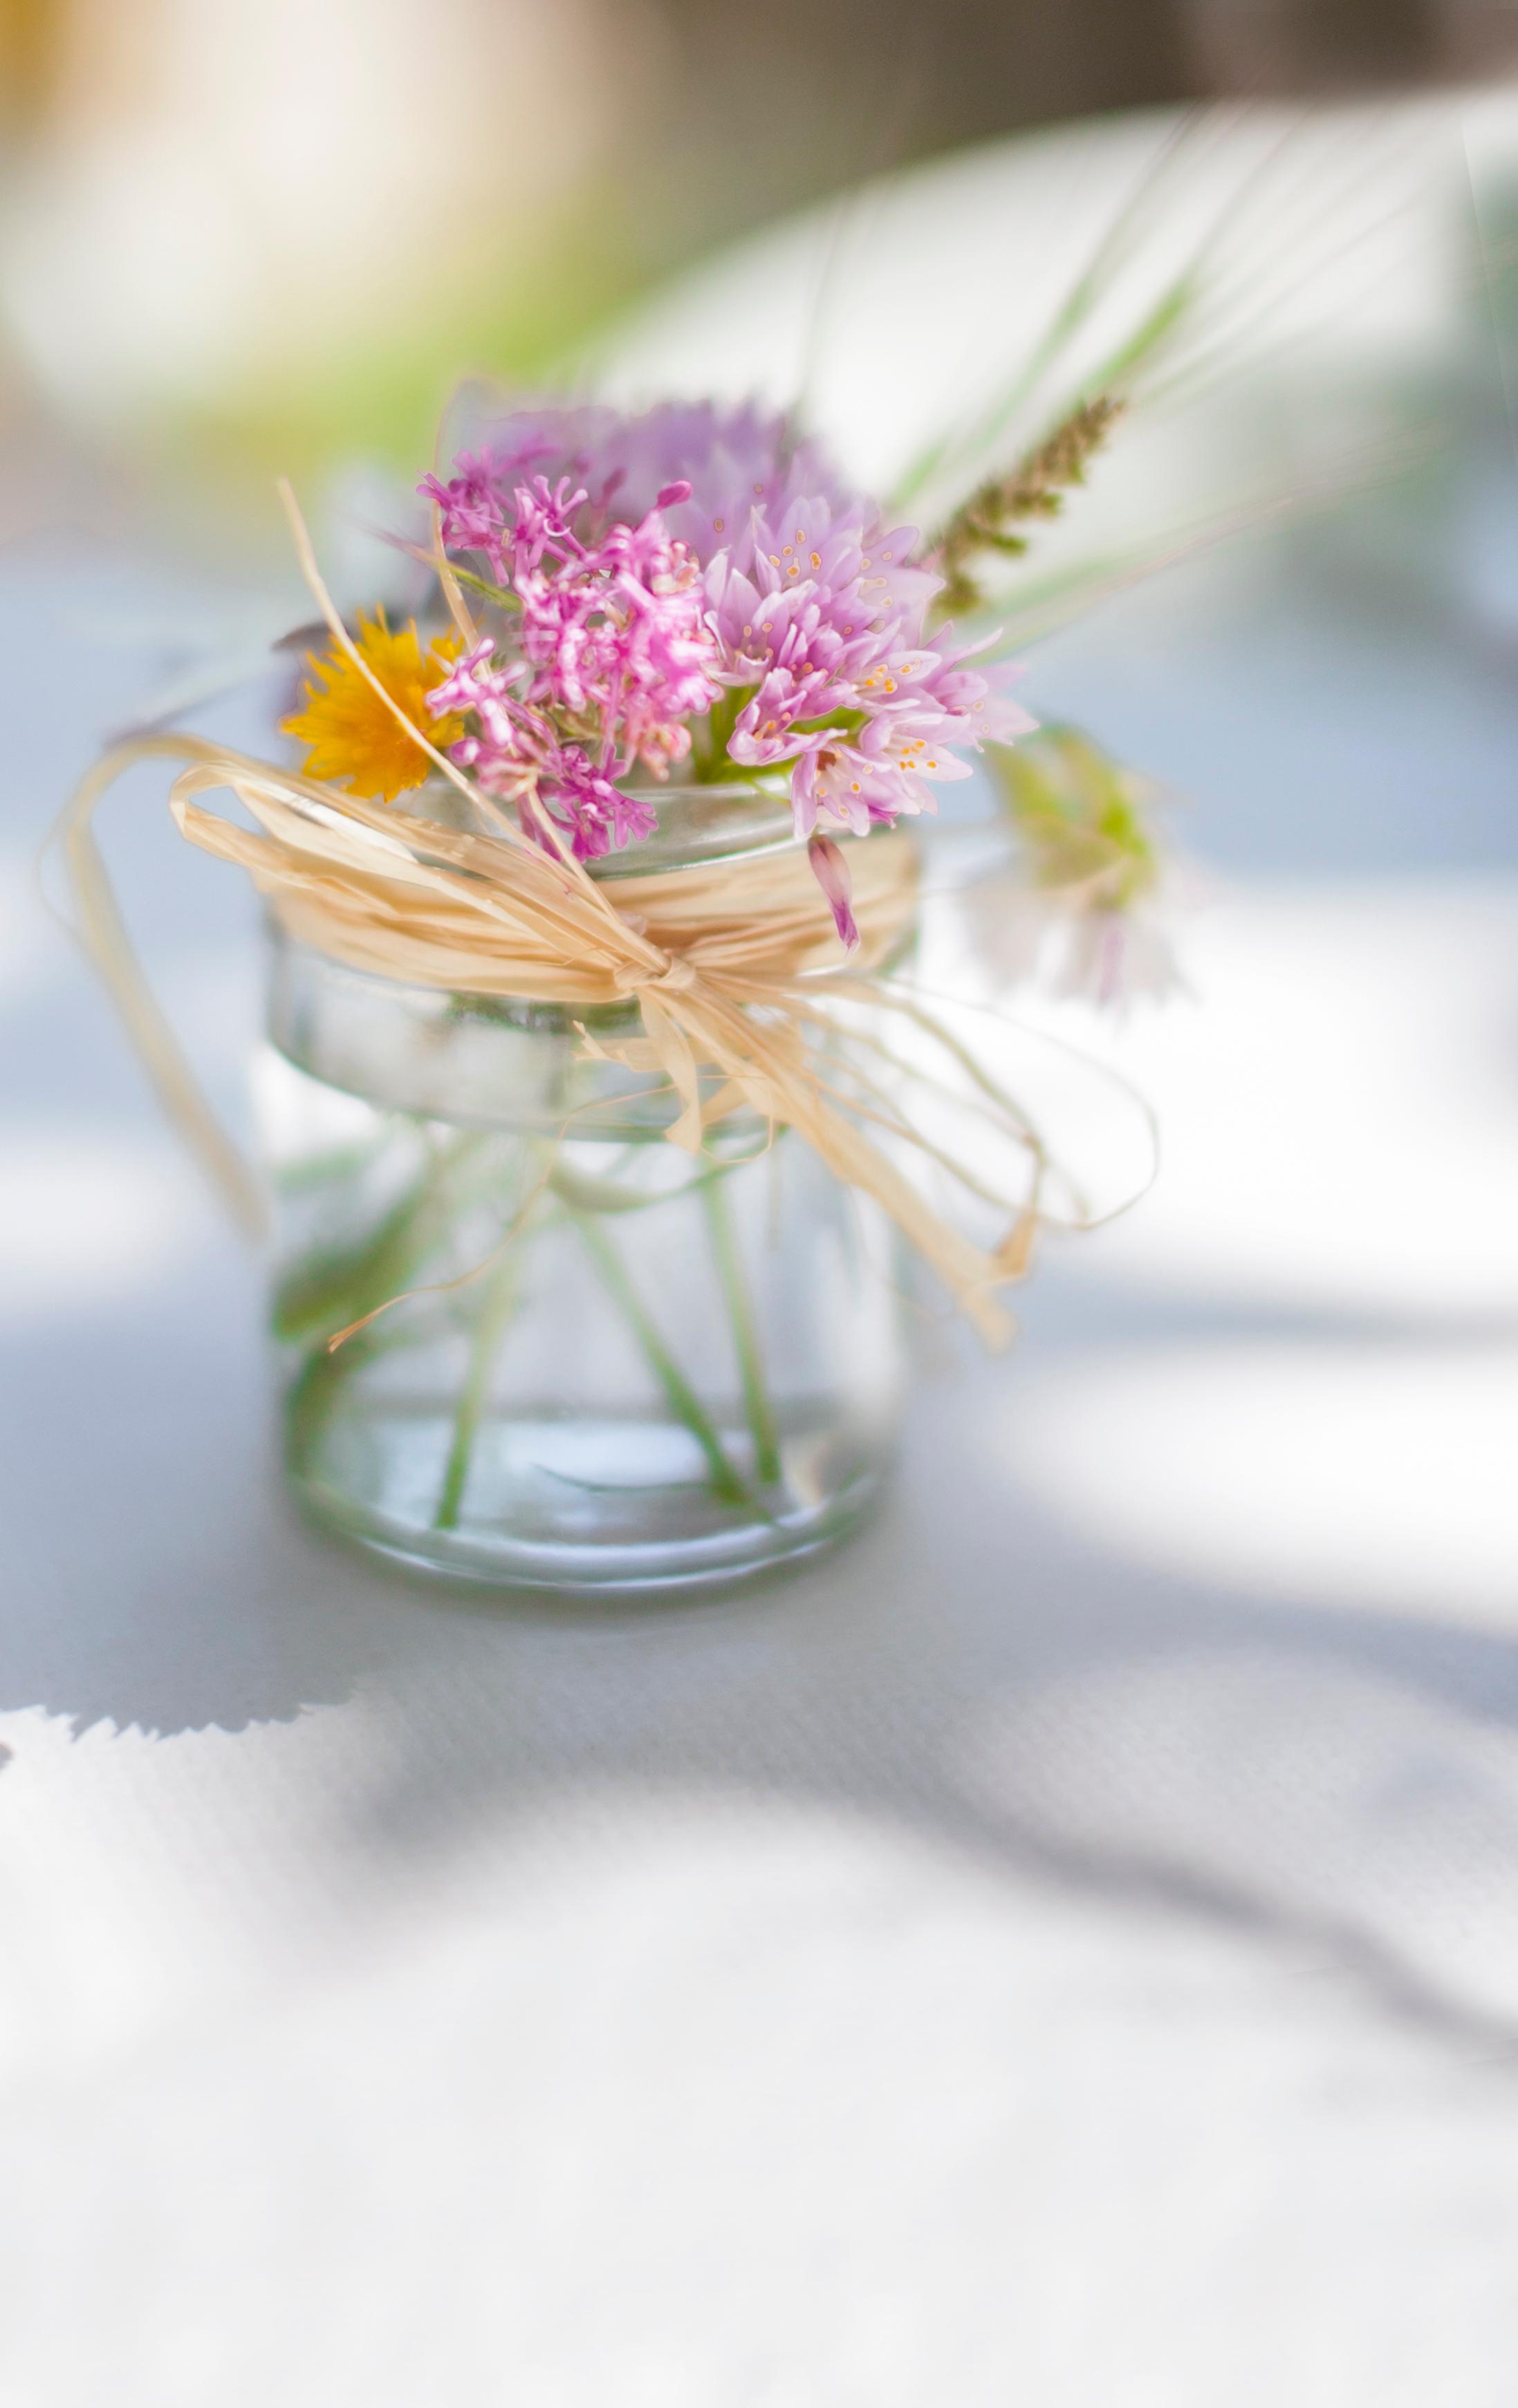 słoik jako wazon